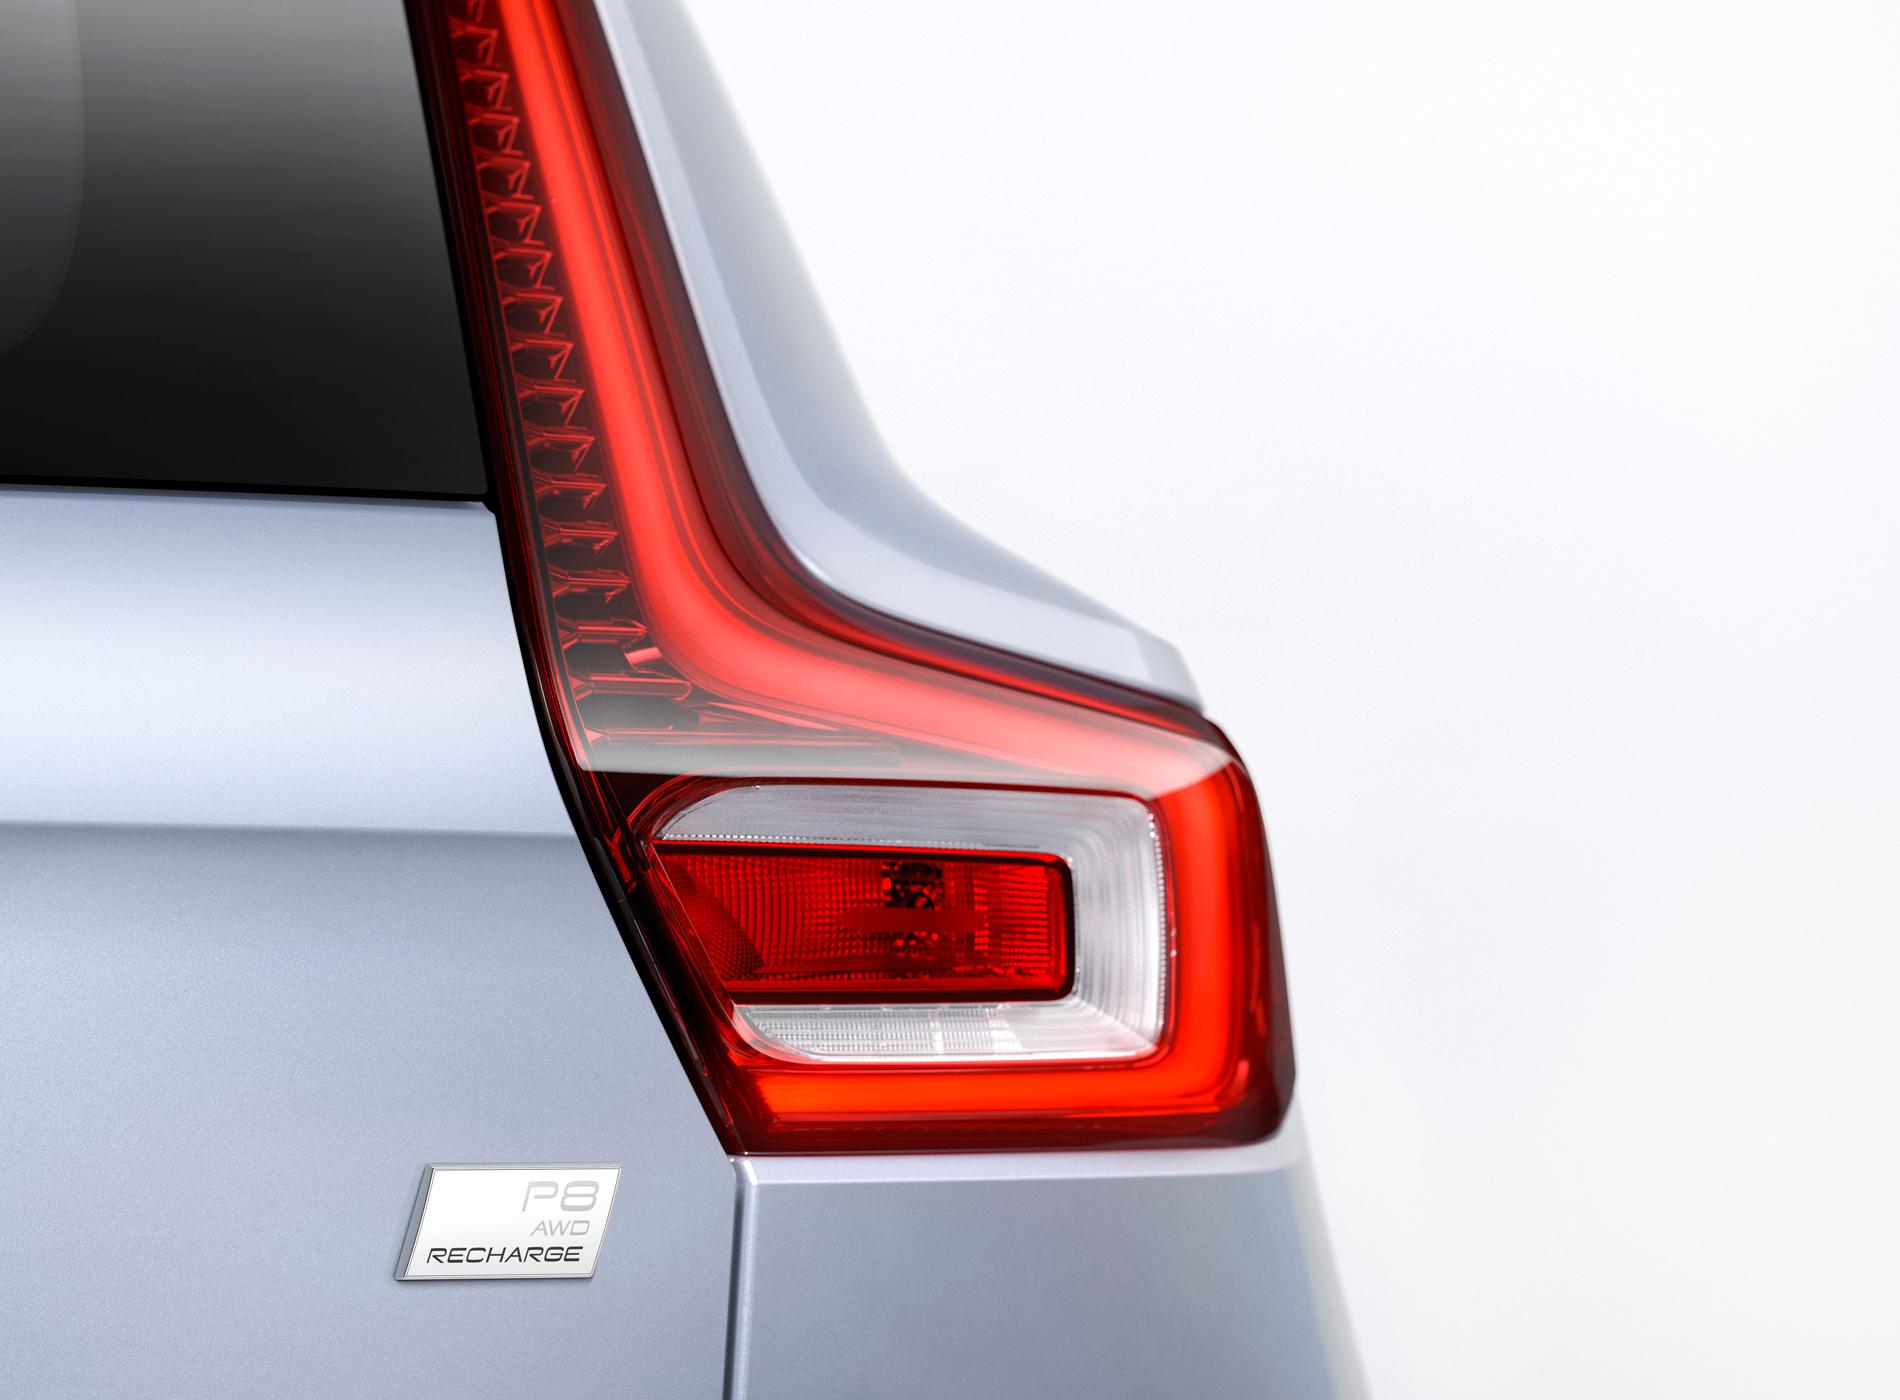 Volvo CX40 Recharge Voiture Electrique Détails Optiques Arrière